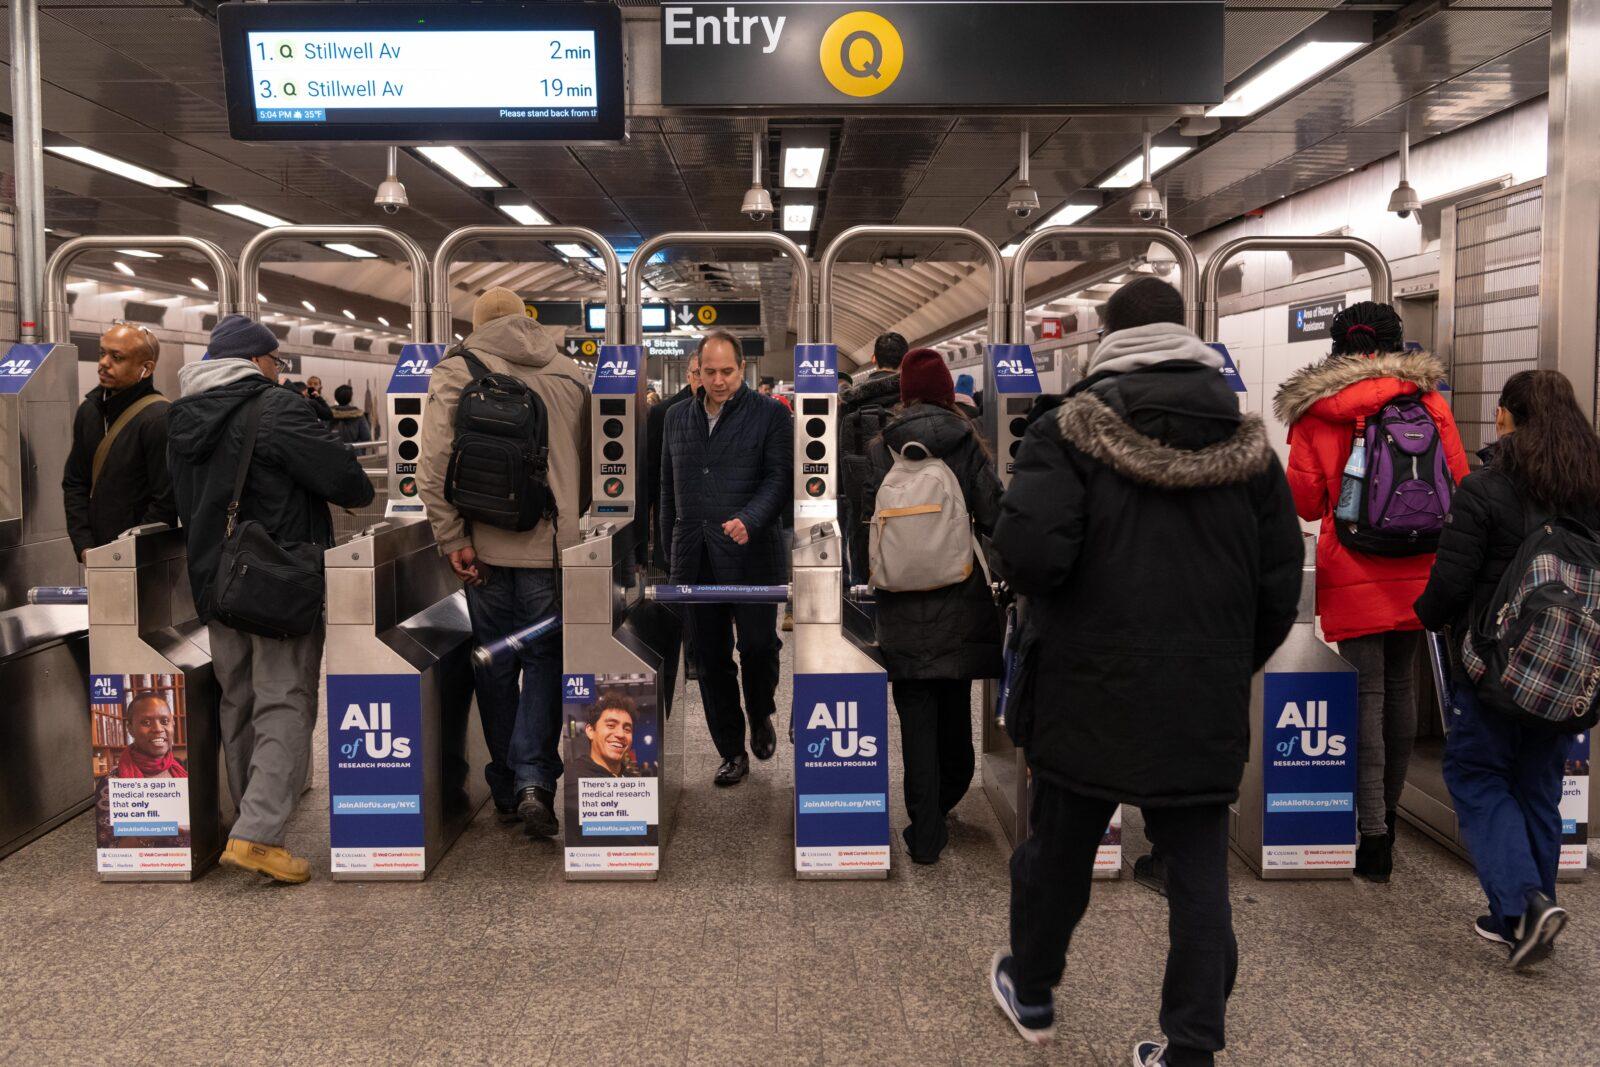 subway turnstile advertising